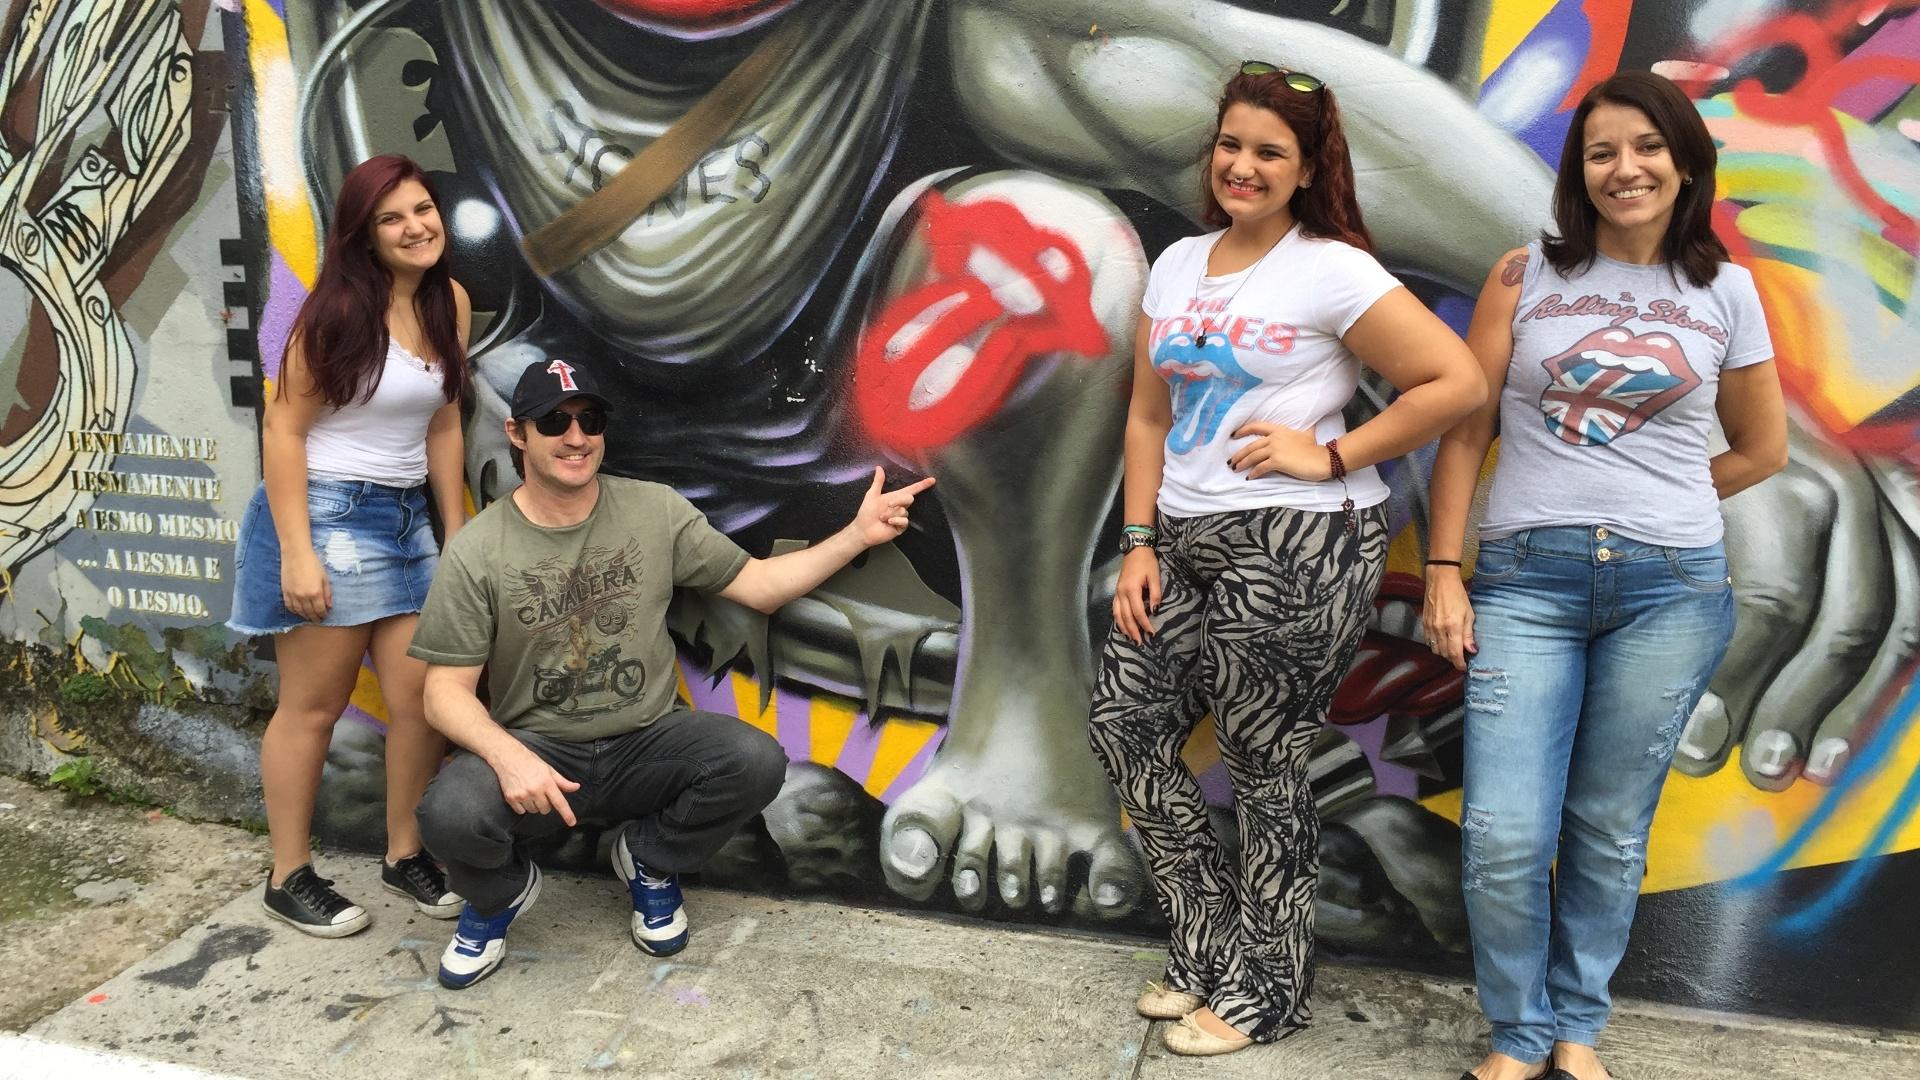 27.fev.2016 - Claudia Fernandes, 48, Pedro Tavares Lorente, 43, Victoria Fernandes, 16, e Camila Brugger, 20, foram ao Beco do Batman, em São Paulo, com a camisa dos Stones só para ver o grafite do Ron Wood